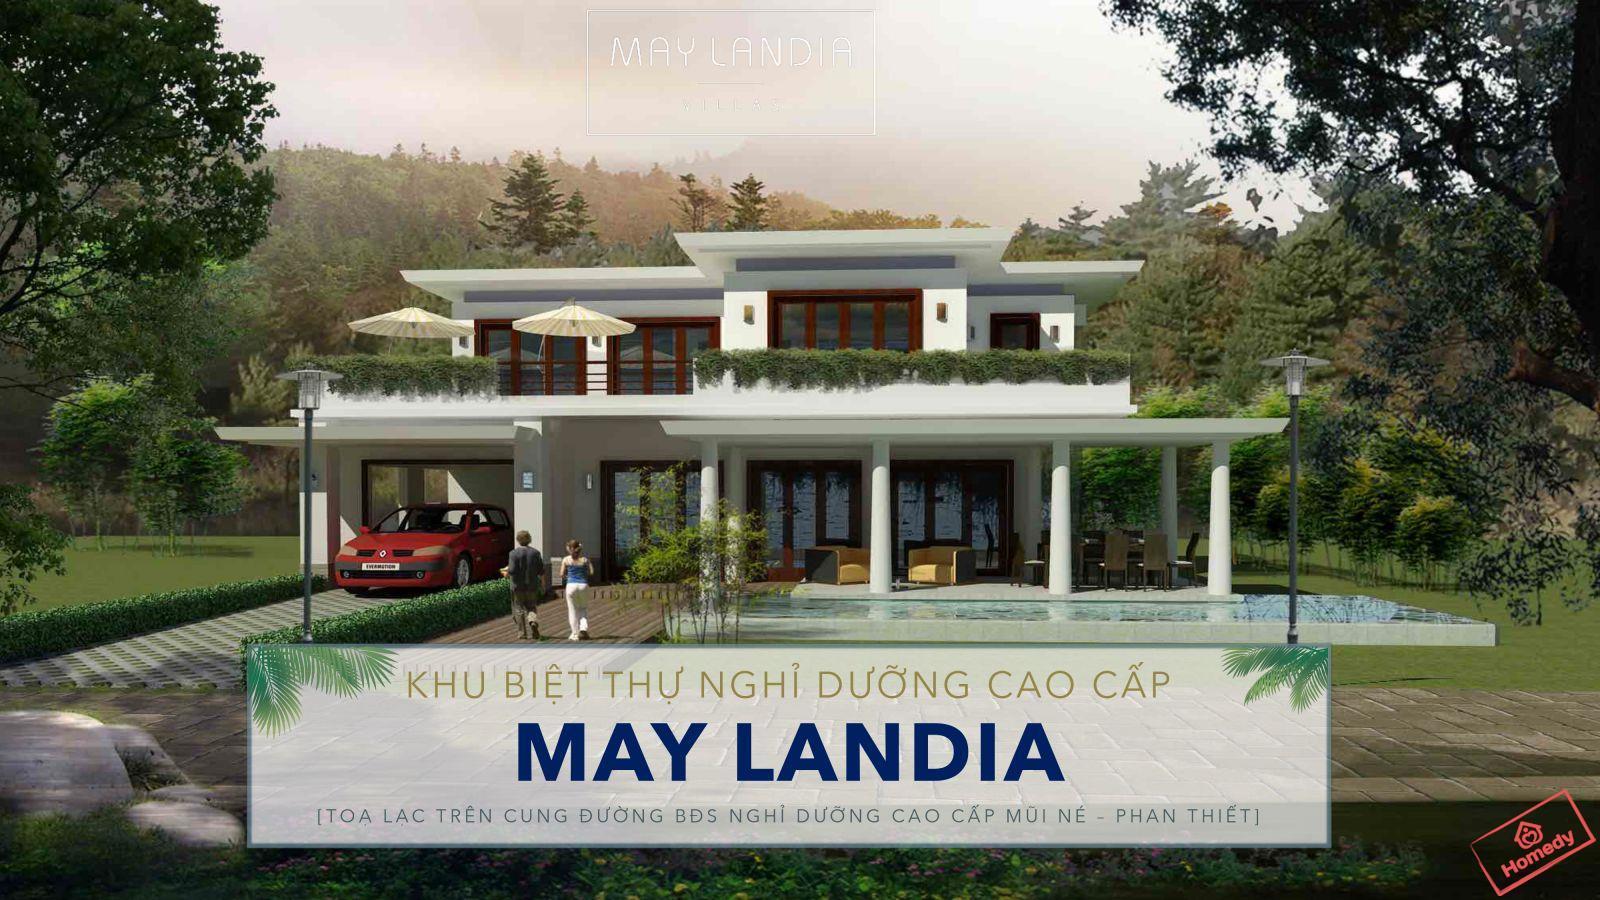 may landia